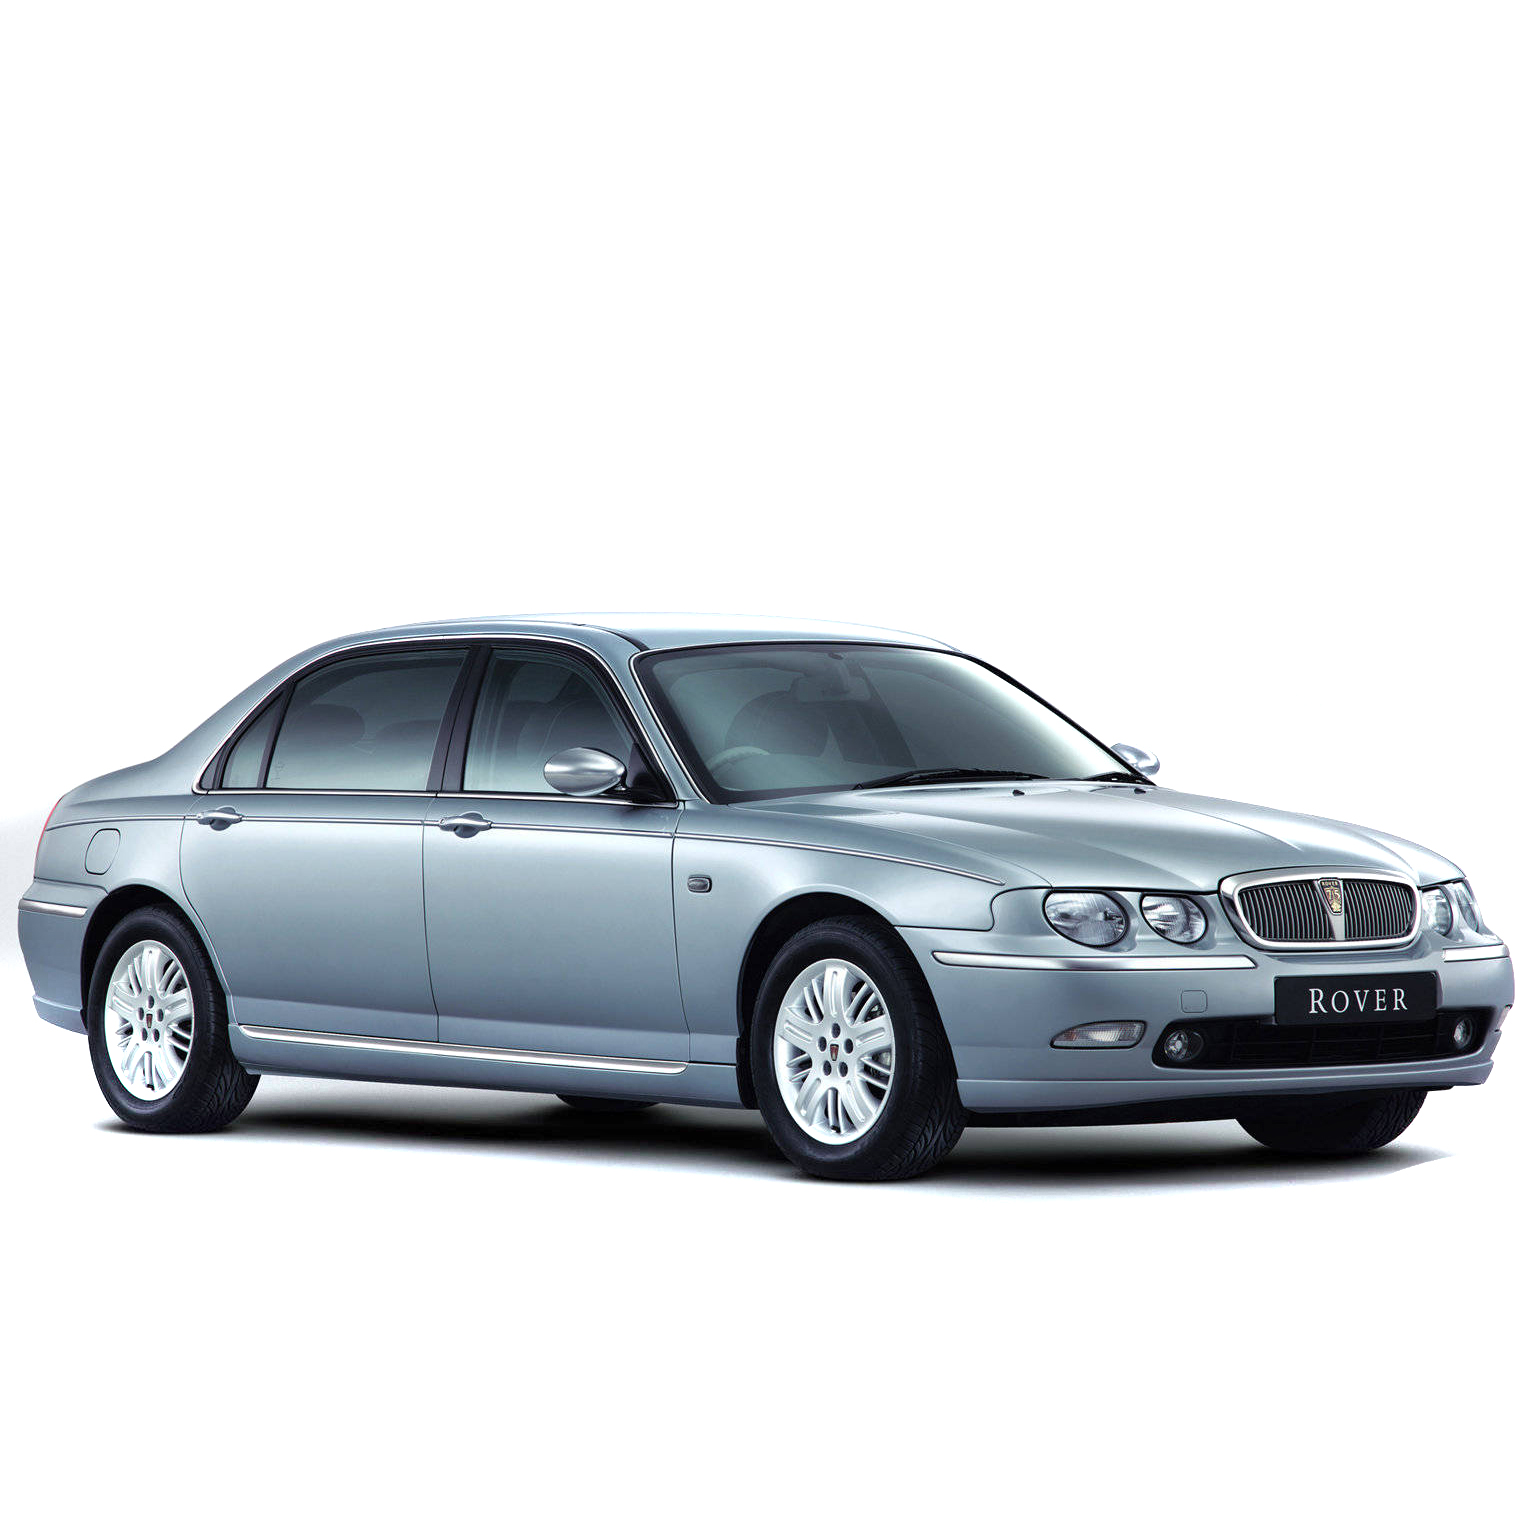 Rover 75 2001-2004